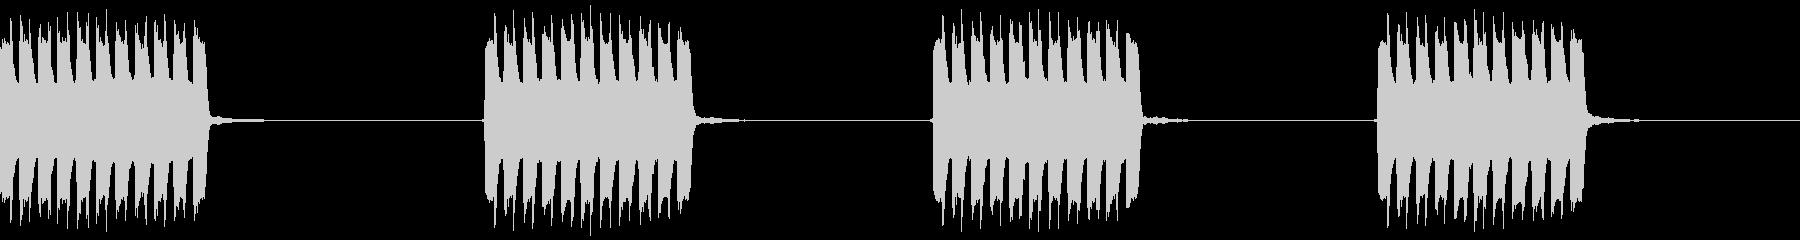 電話の着信音の未再生の波形